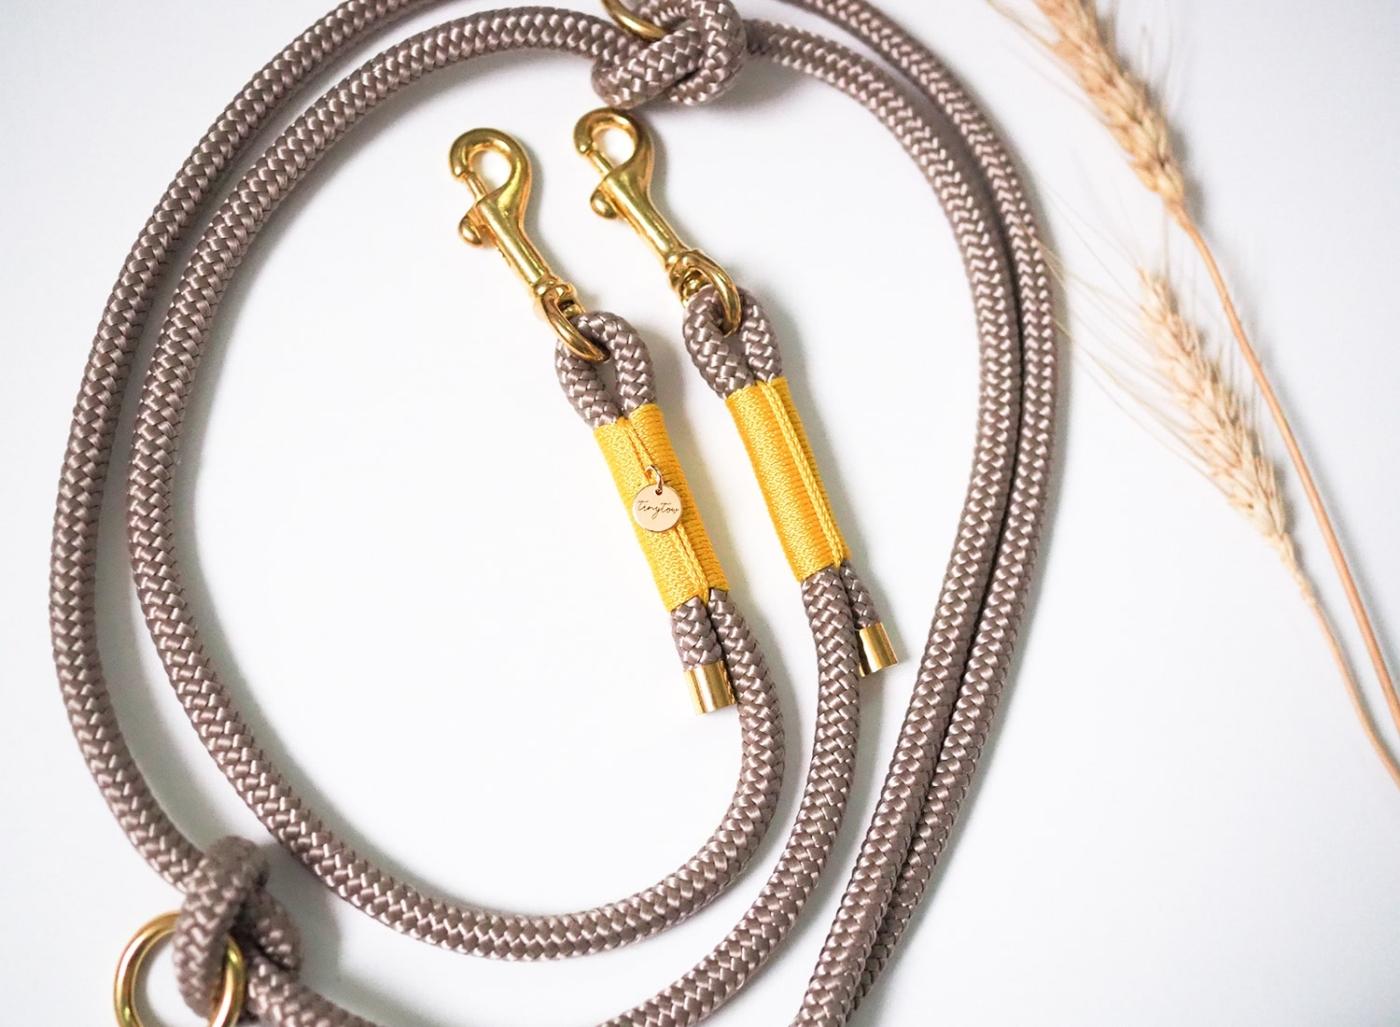 Hundeleine aus Tau in Tan mit gelber Takelung und goldenen Details. Längenverstellbar in 2m oder mit fester Handschlaufe.